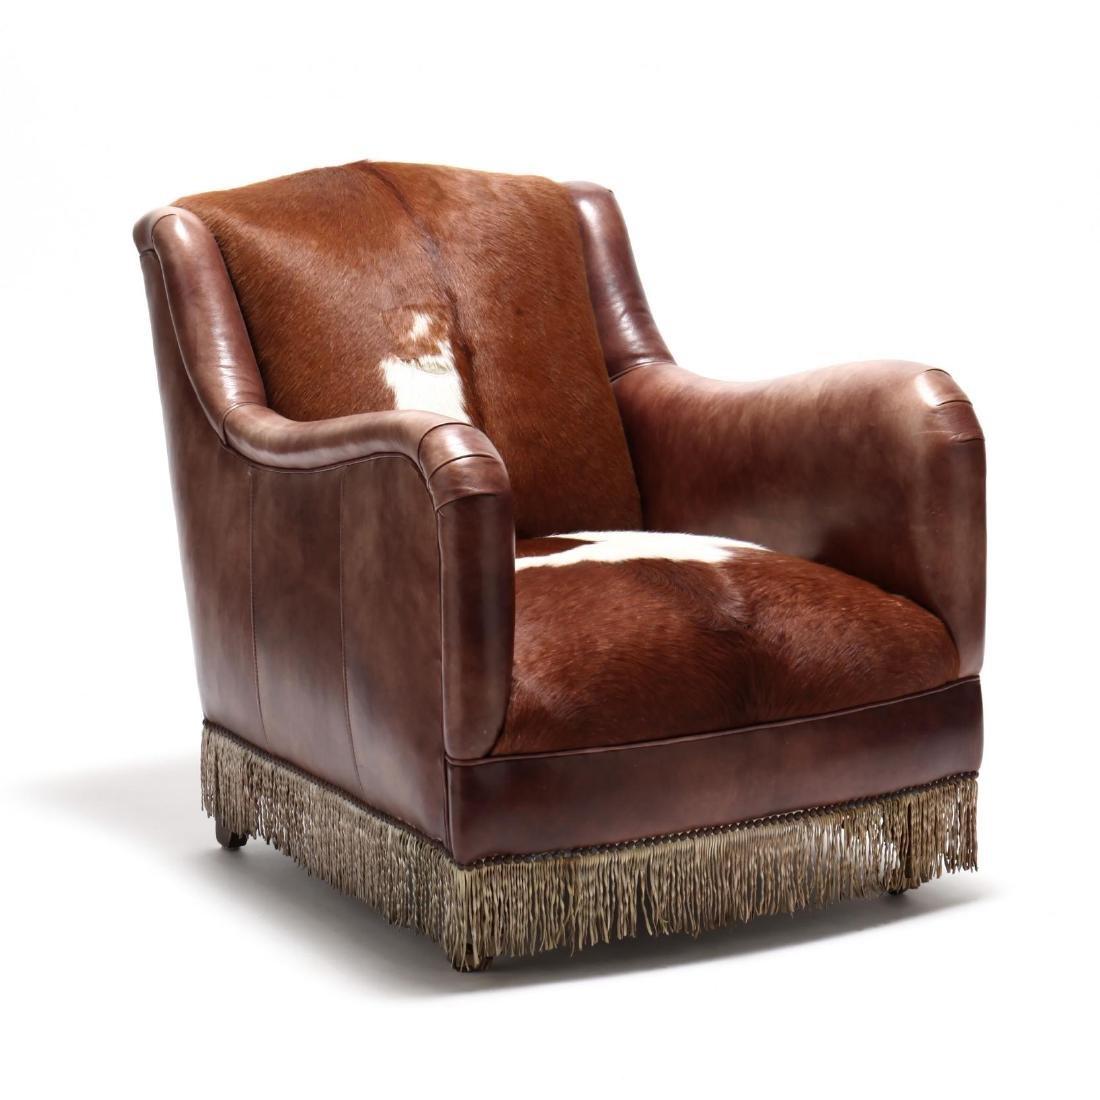 Southwestern Leather Club Chair